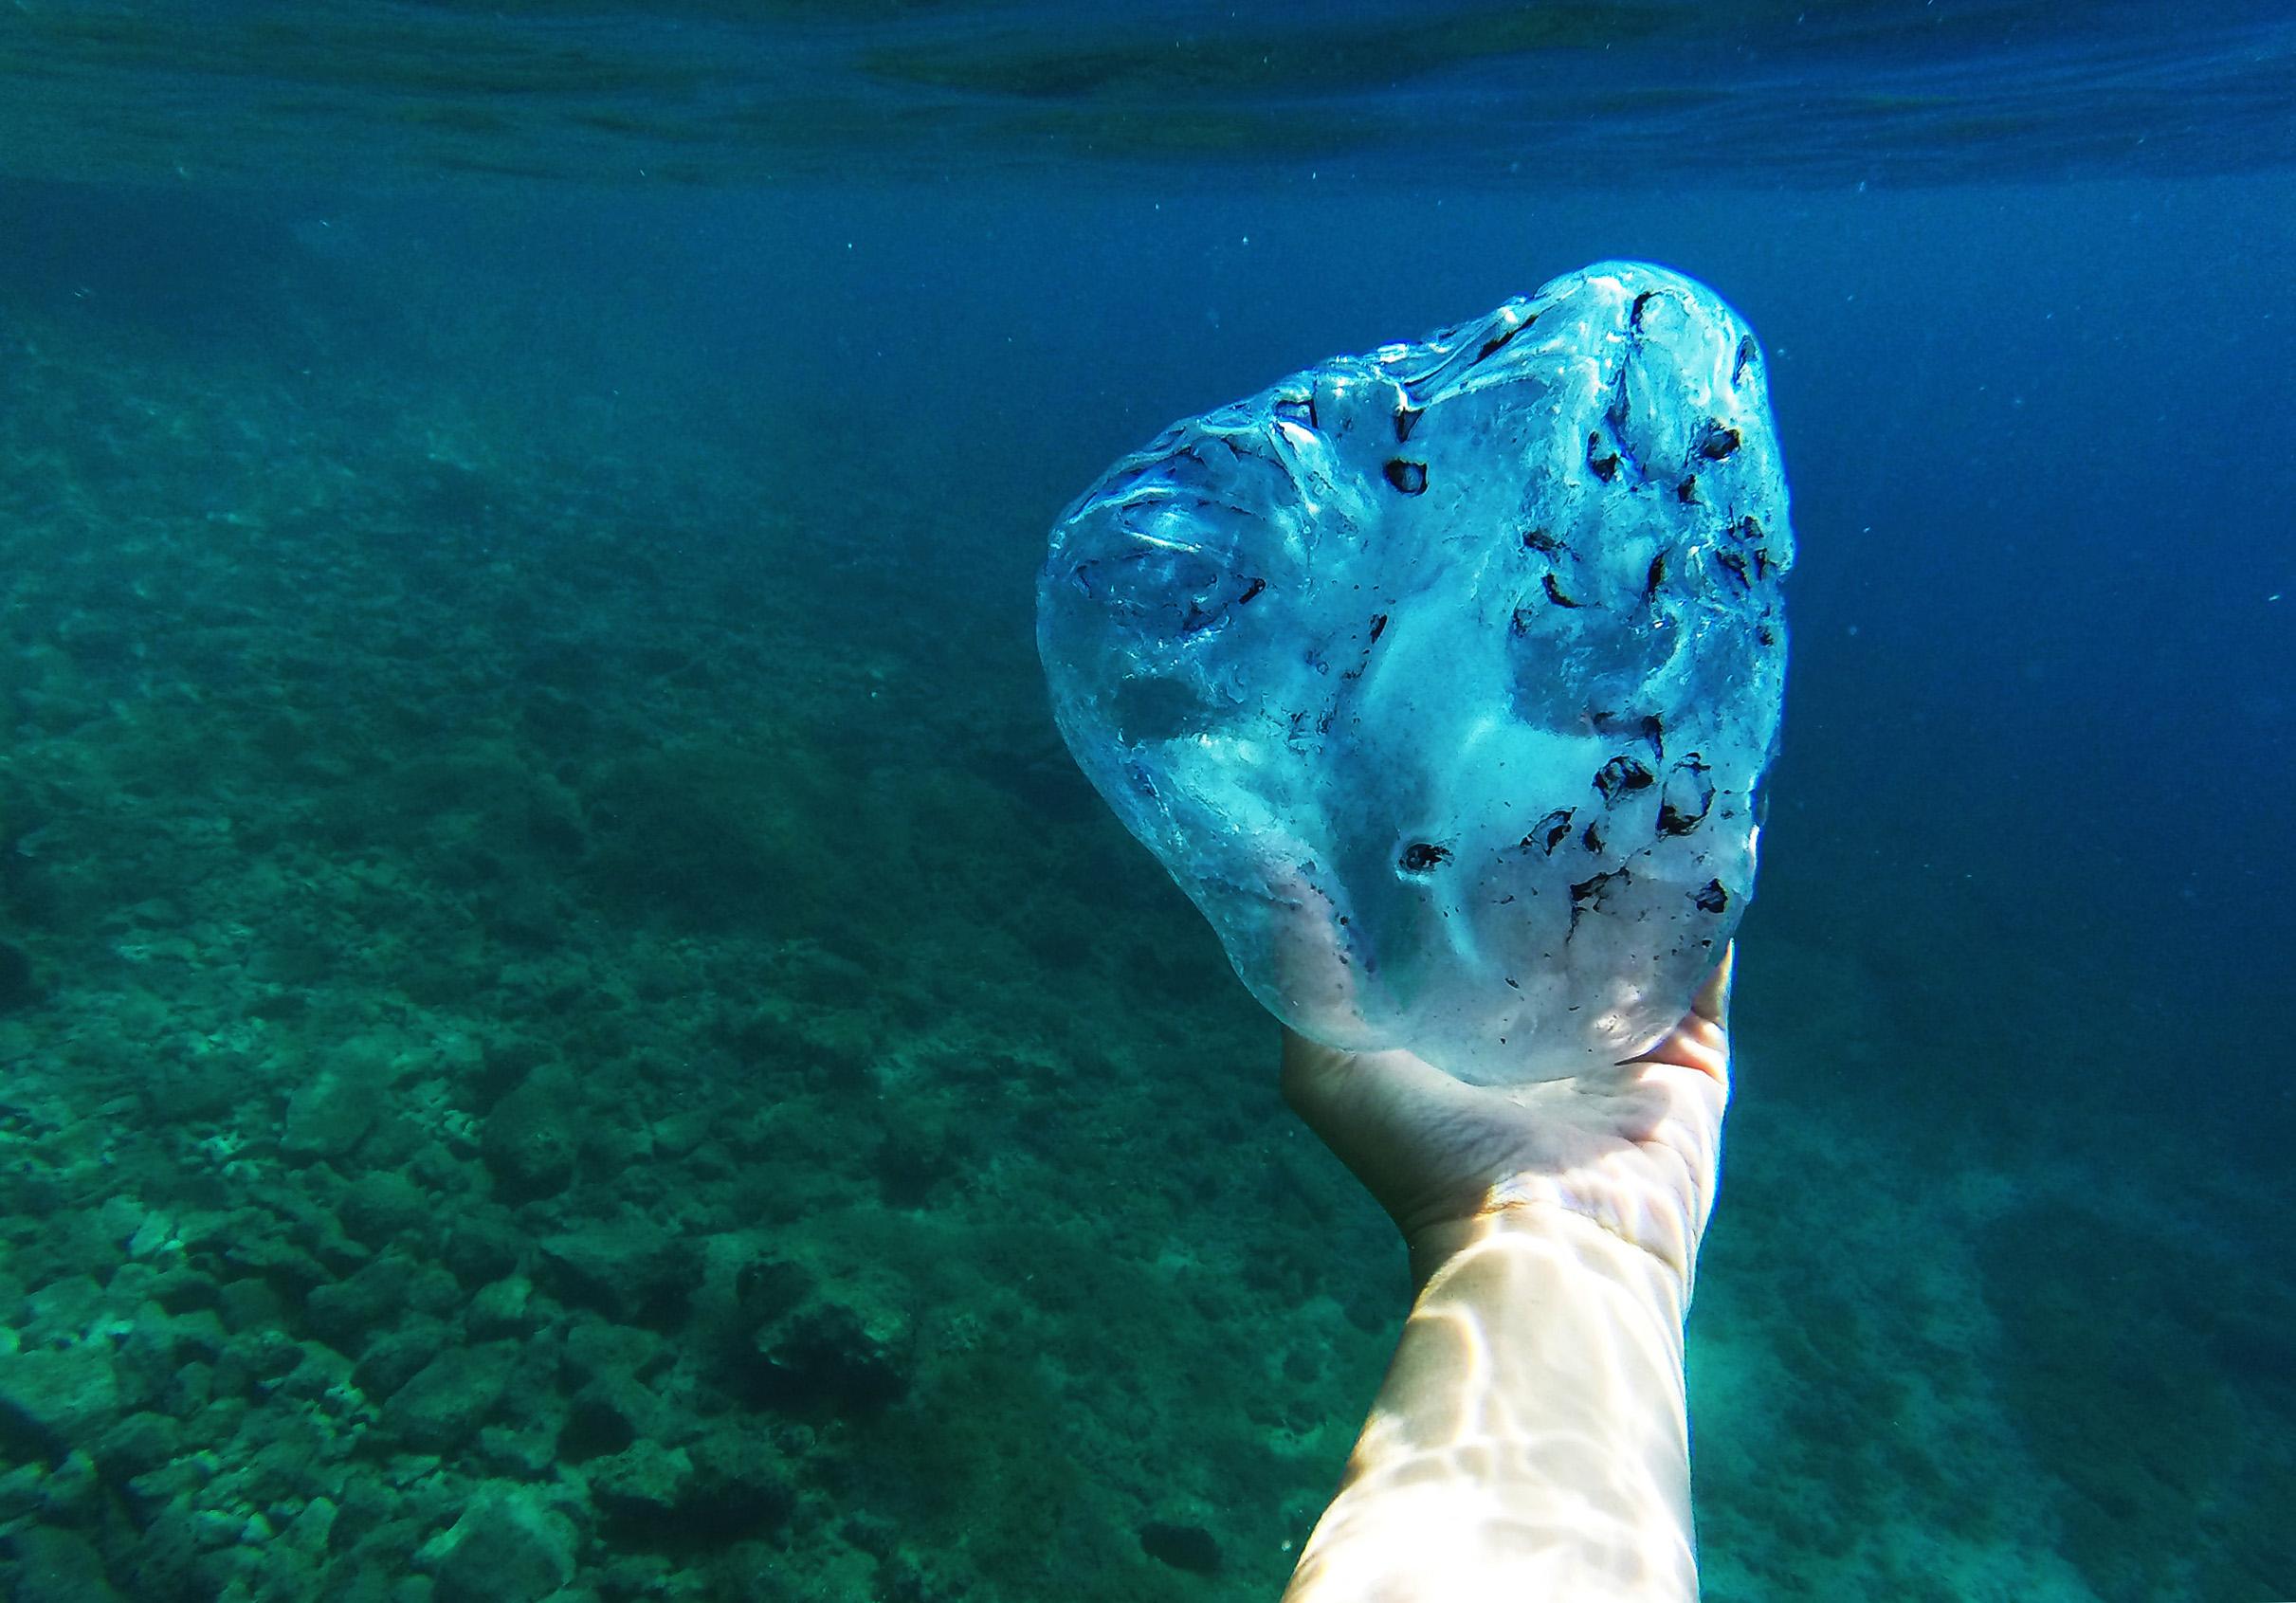 drowning_maarja_maemets4